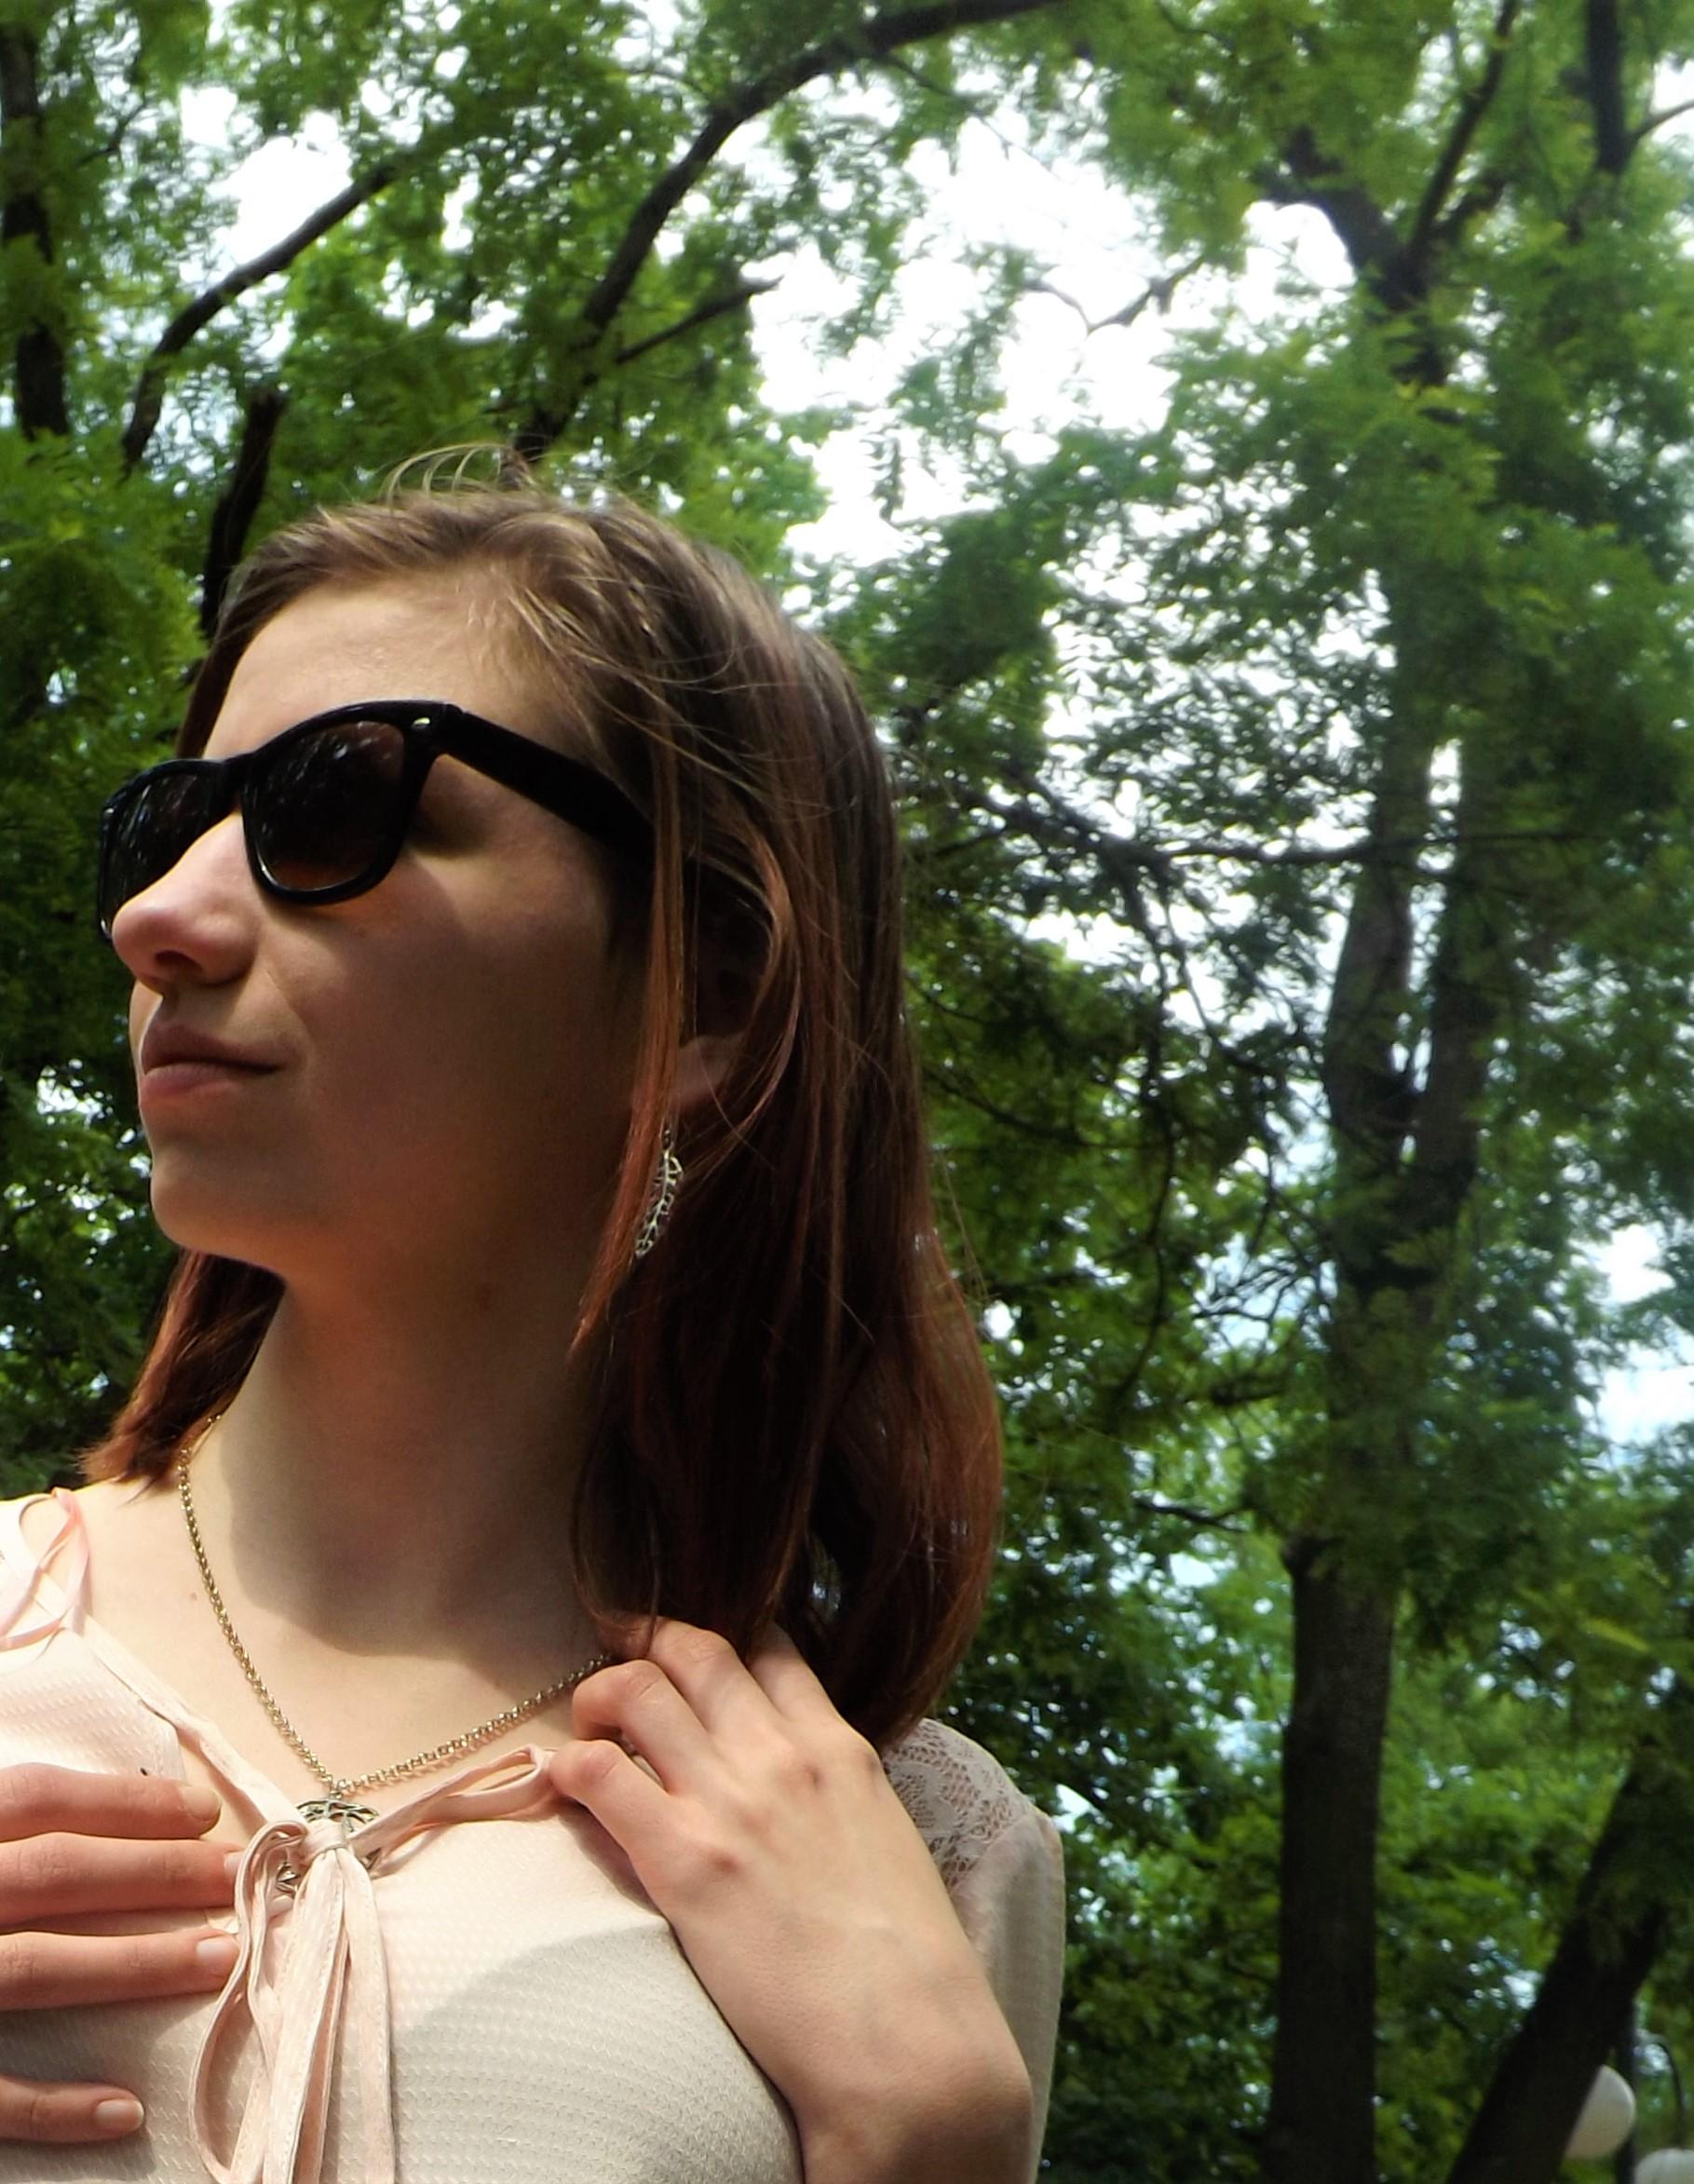 A képen nem sikerült megörökíteni, de kiegészítőként egy levél alakú fülbevalót, és egy hozzáillő leveles nyakláncot tettem.